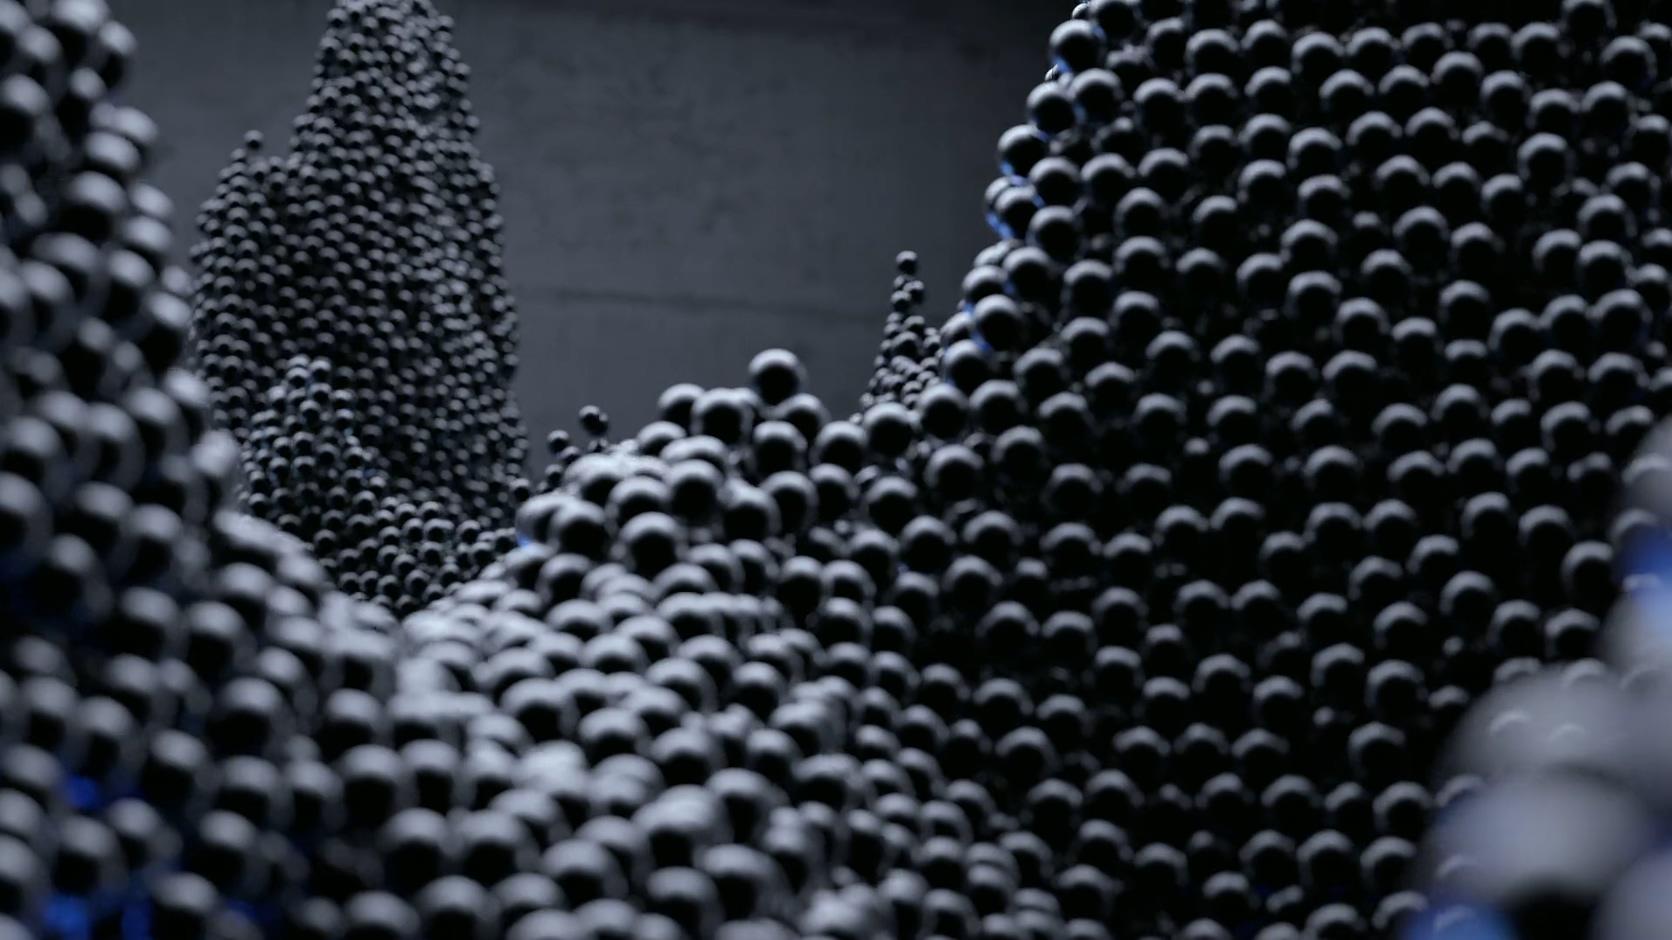 粒子球汇聚阵列黑蓝粒子球针状创意分形